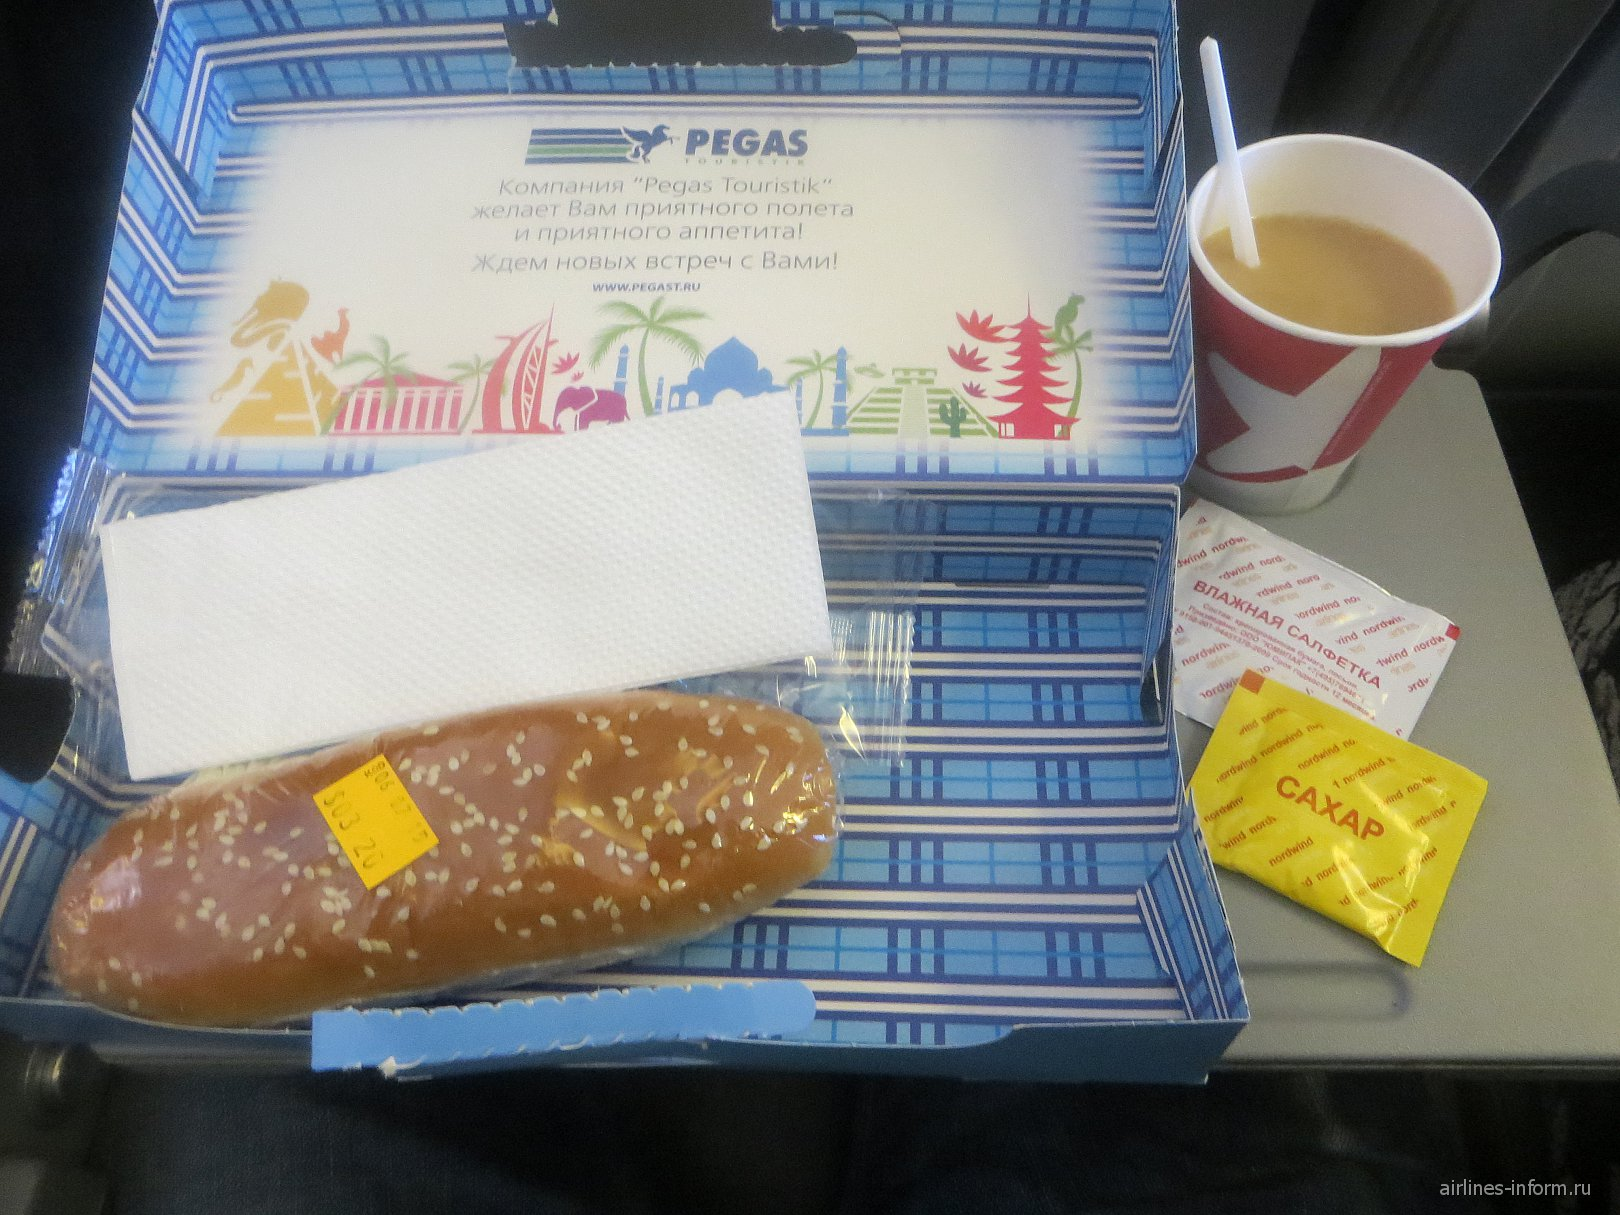 Питание на рейсе Москва-Анталья на чартерном рейсе авиакомпании Nordwind